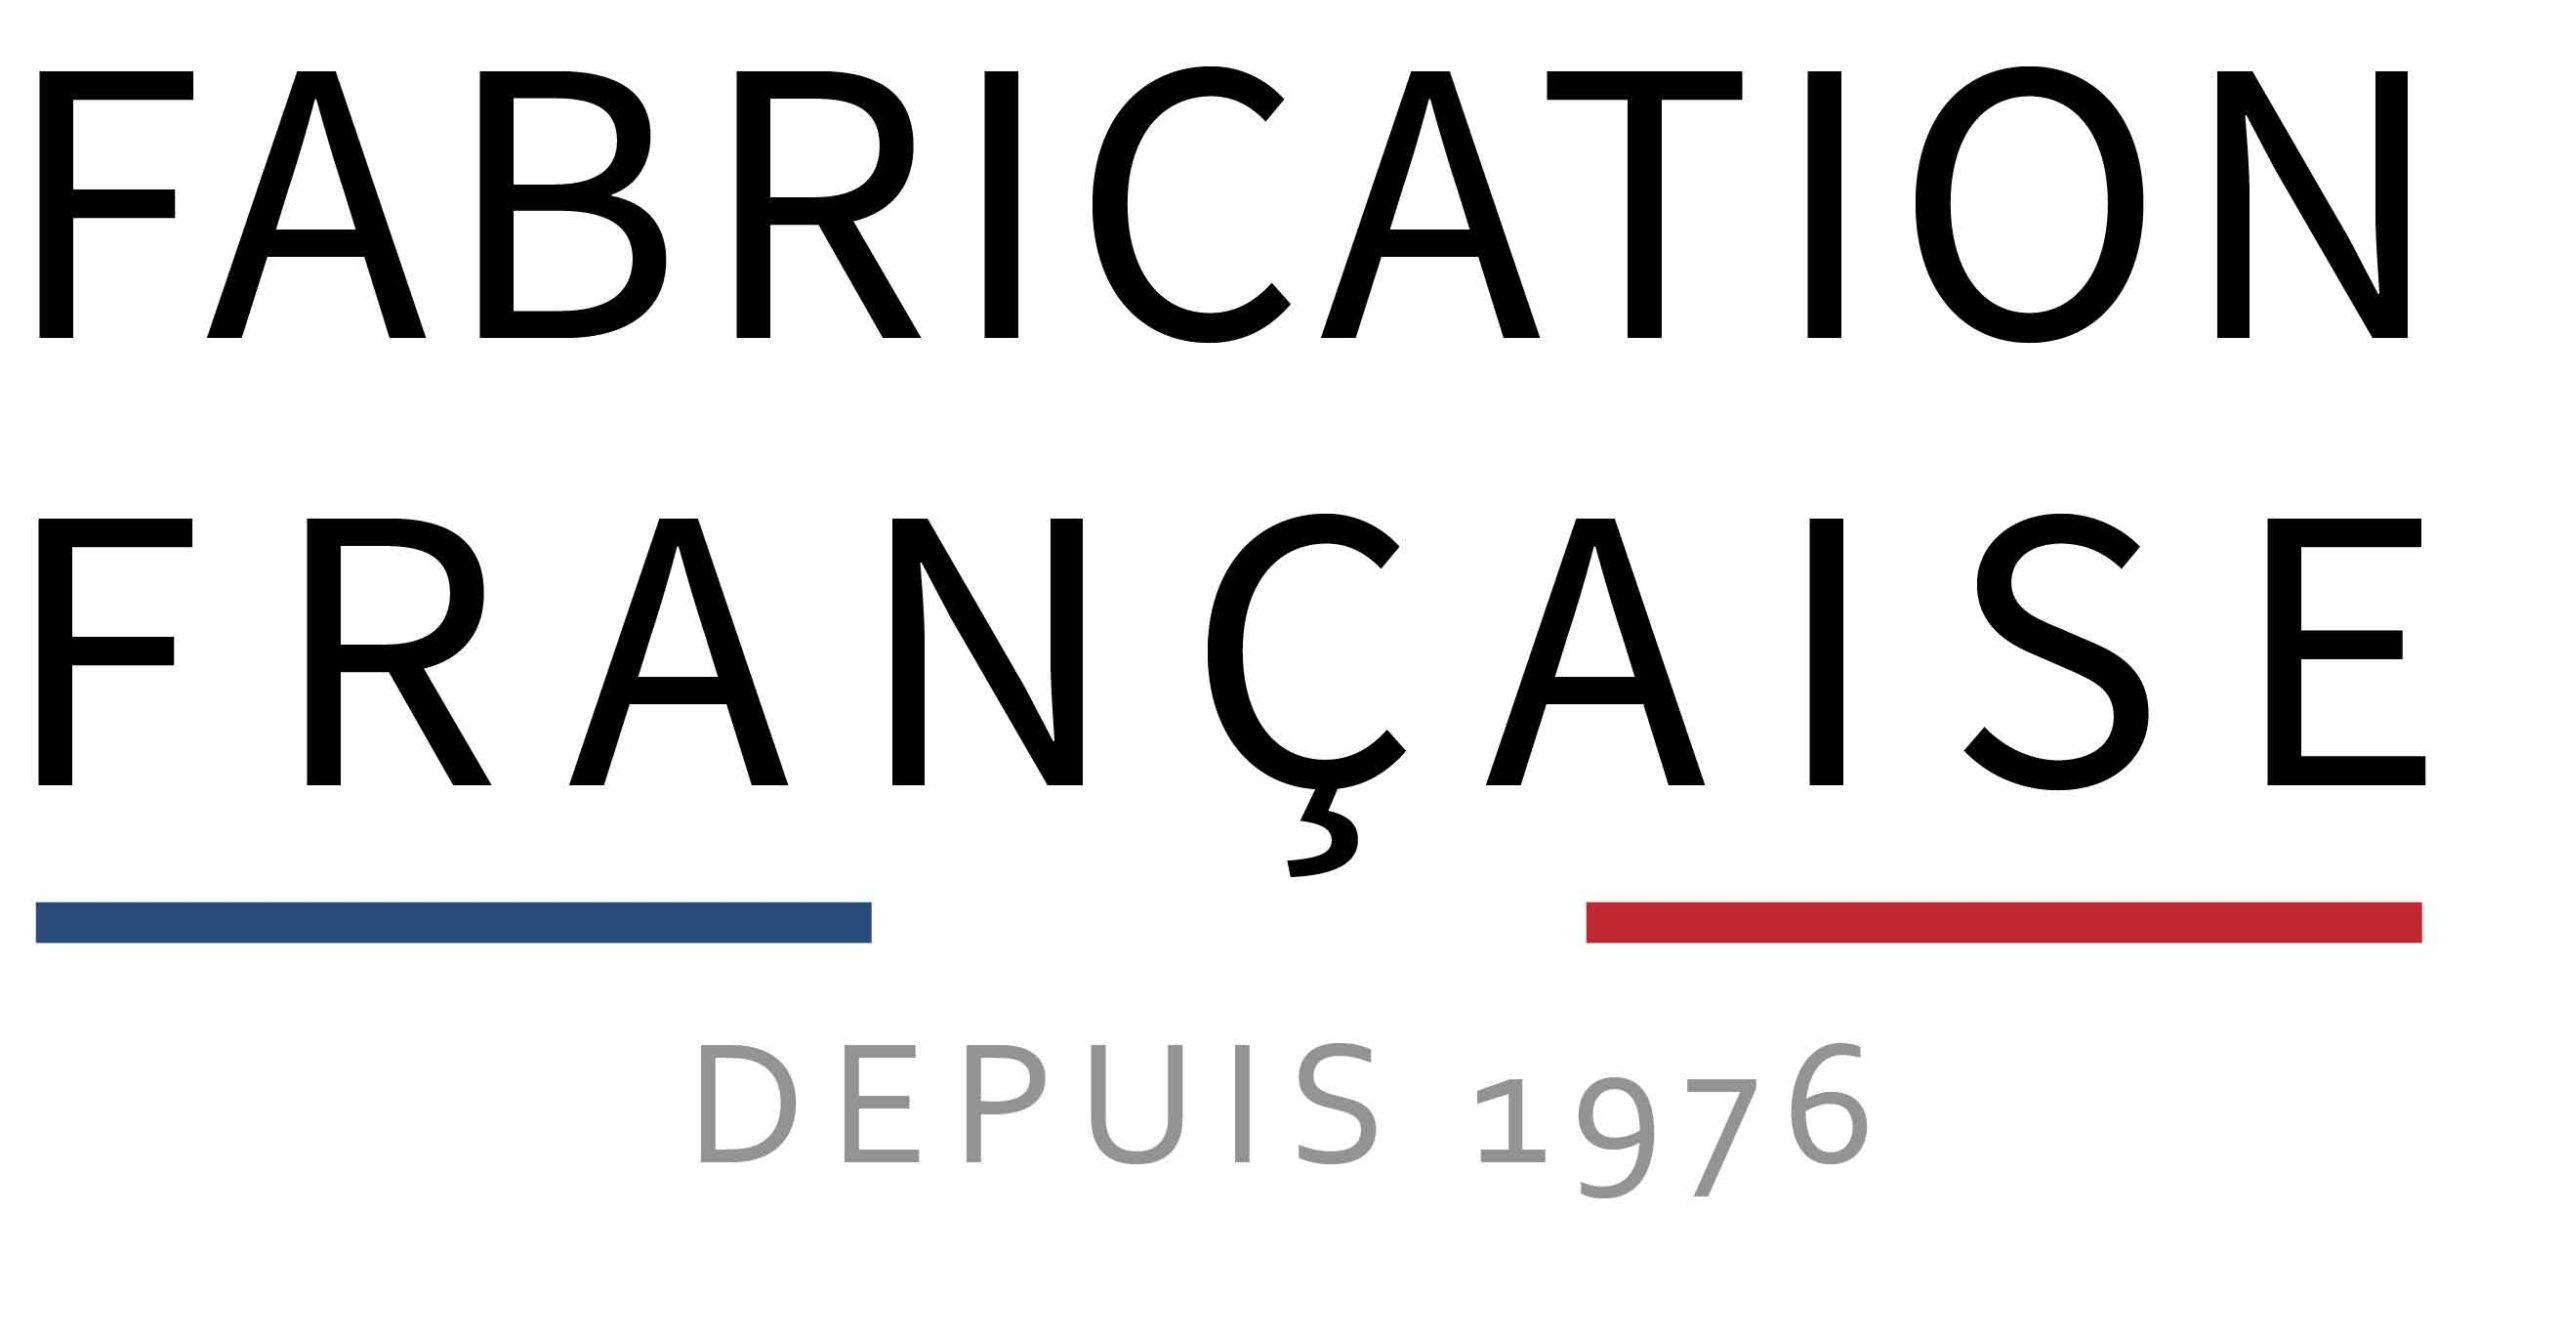 France Reval concepteur de matériel fabriqué en France